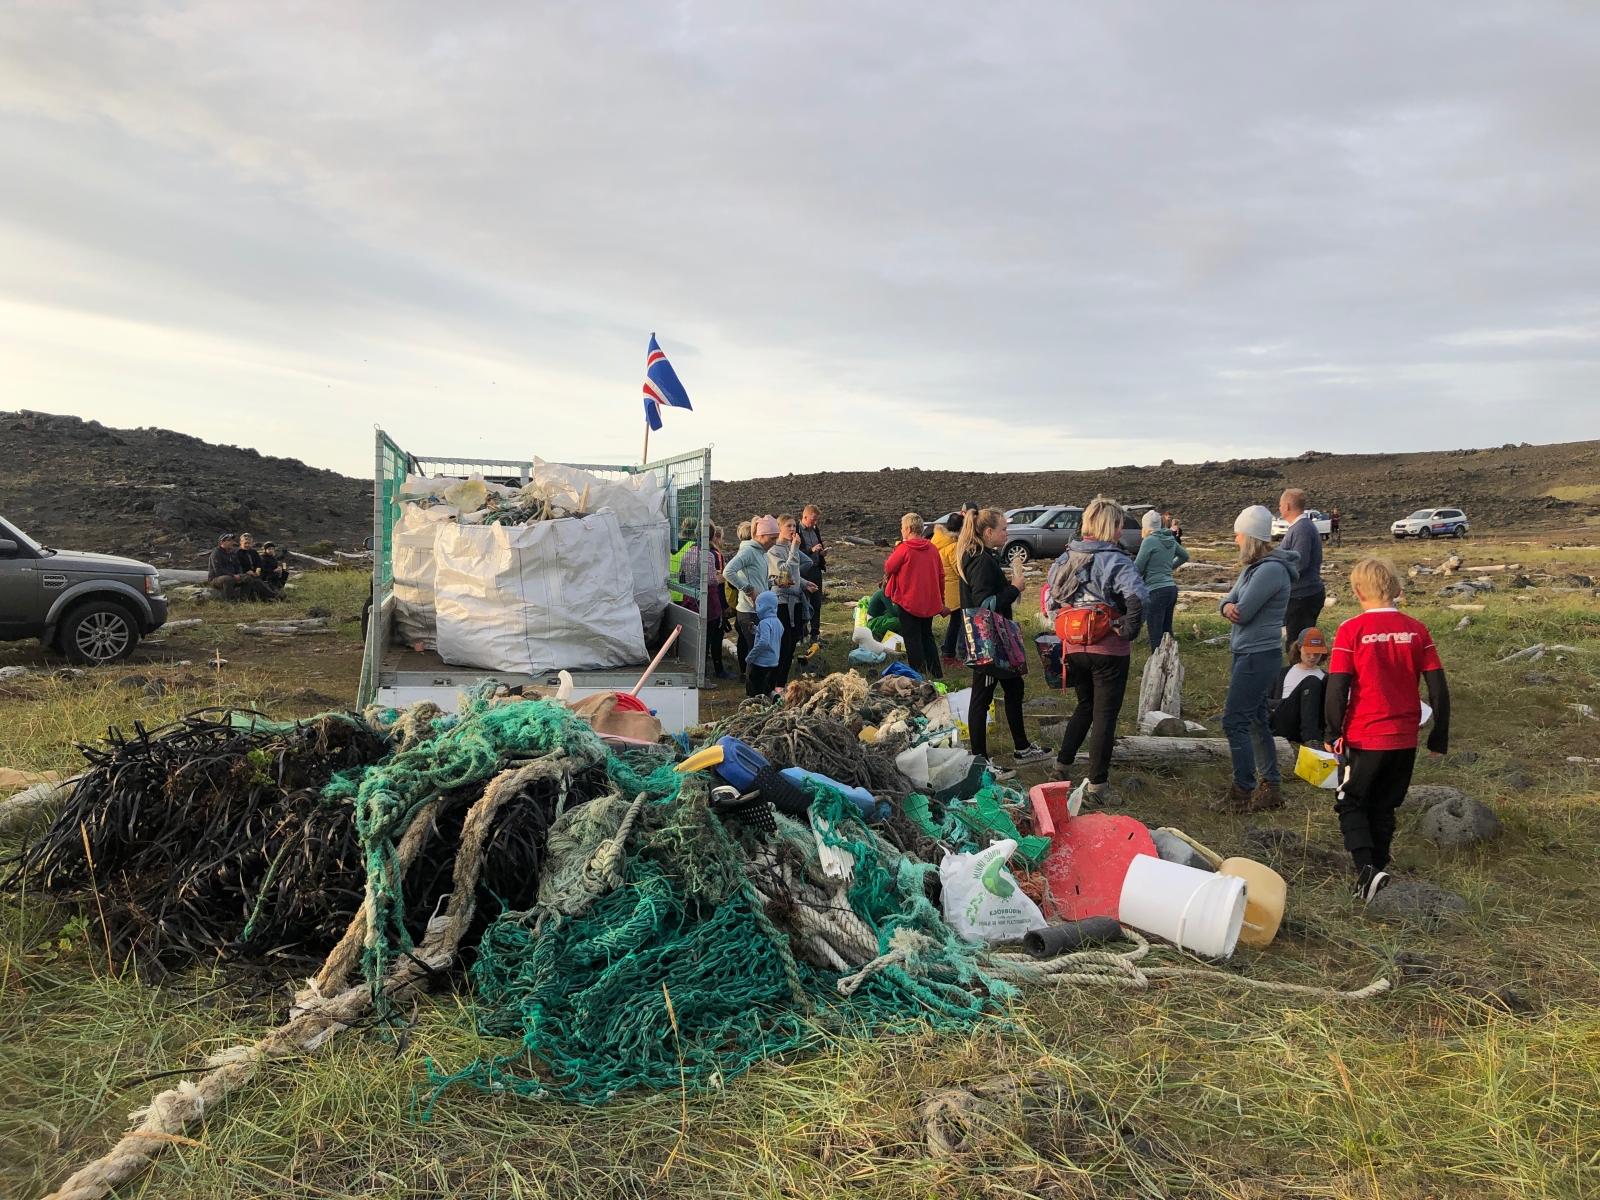 Hreinsað í Sandvík í dag á árlegum strandhreinsunardegi